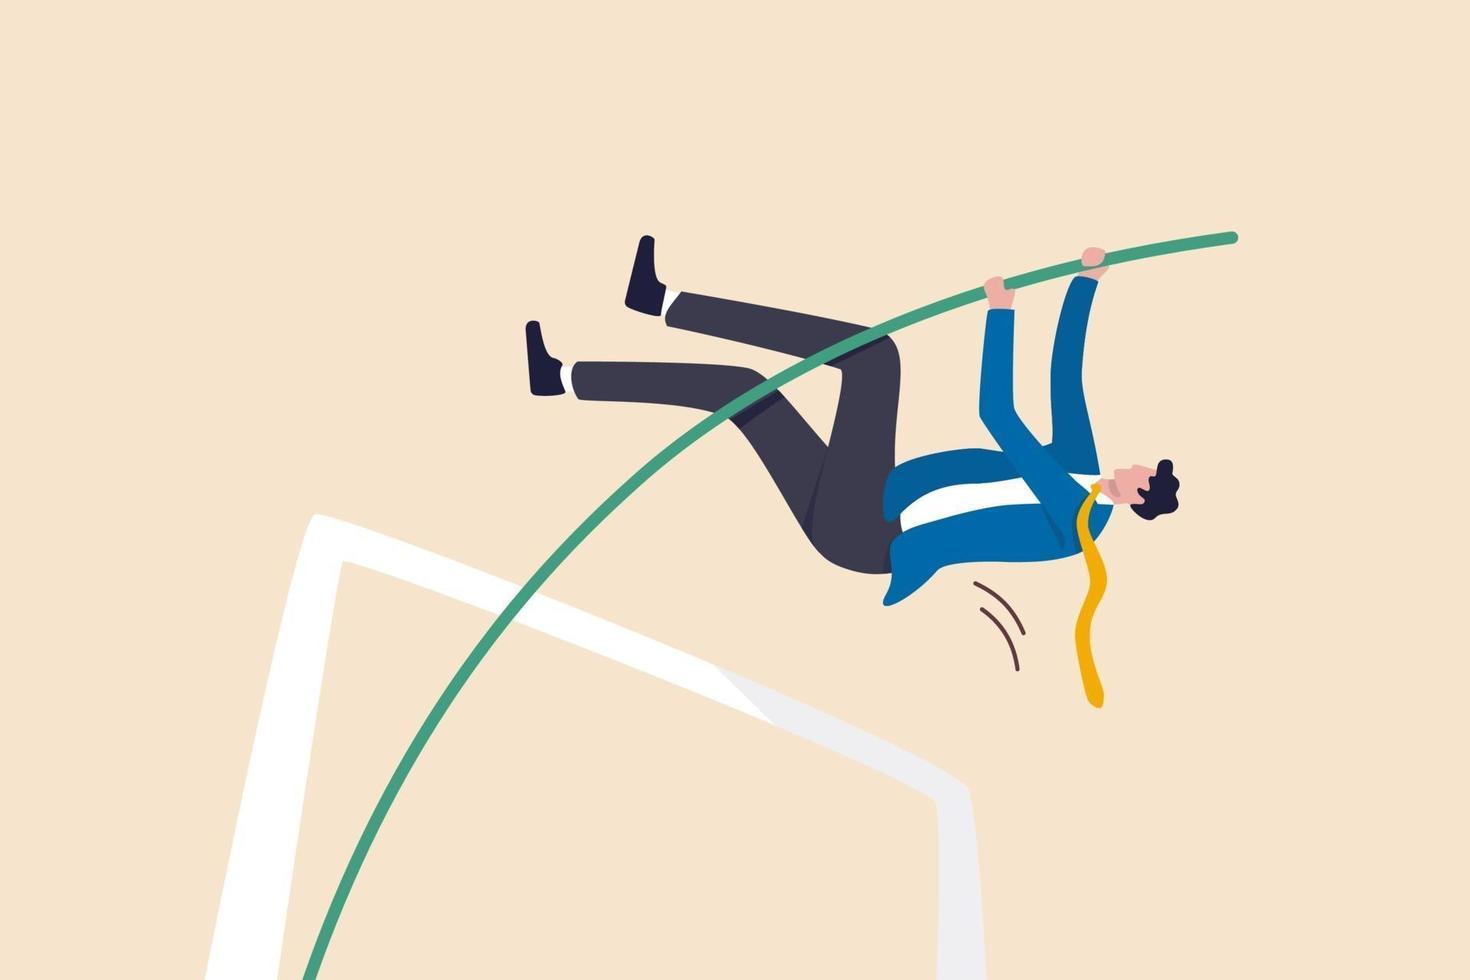 zakelijk doel behalen, succes oplossen van bedrijfsproblemen of slagen, overleven op financieel crisisconcept, succesvolle zelfverzekerde zakenmanleider springen polsstokhoogspringen. vector